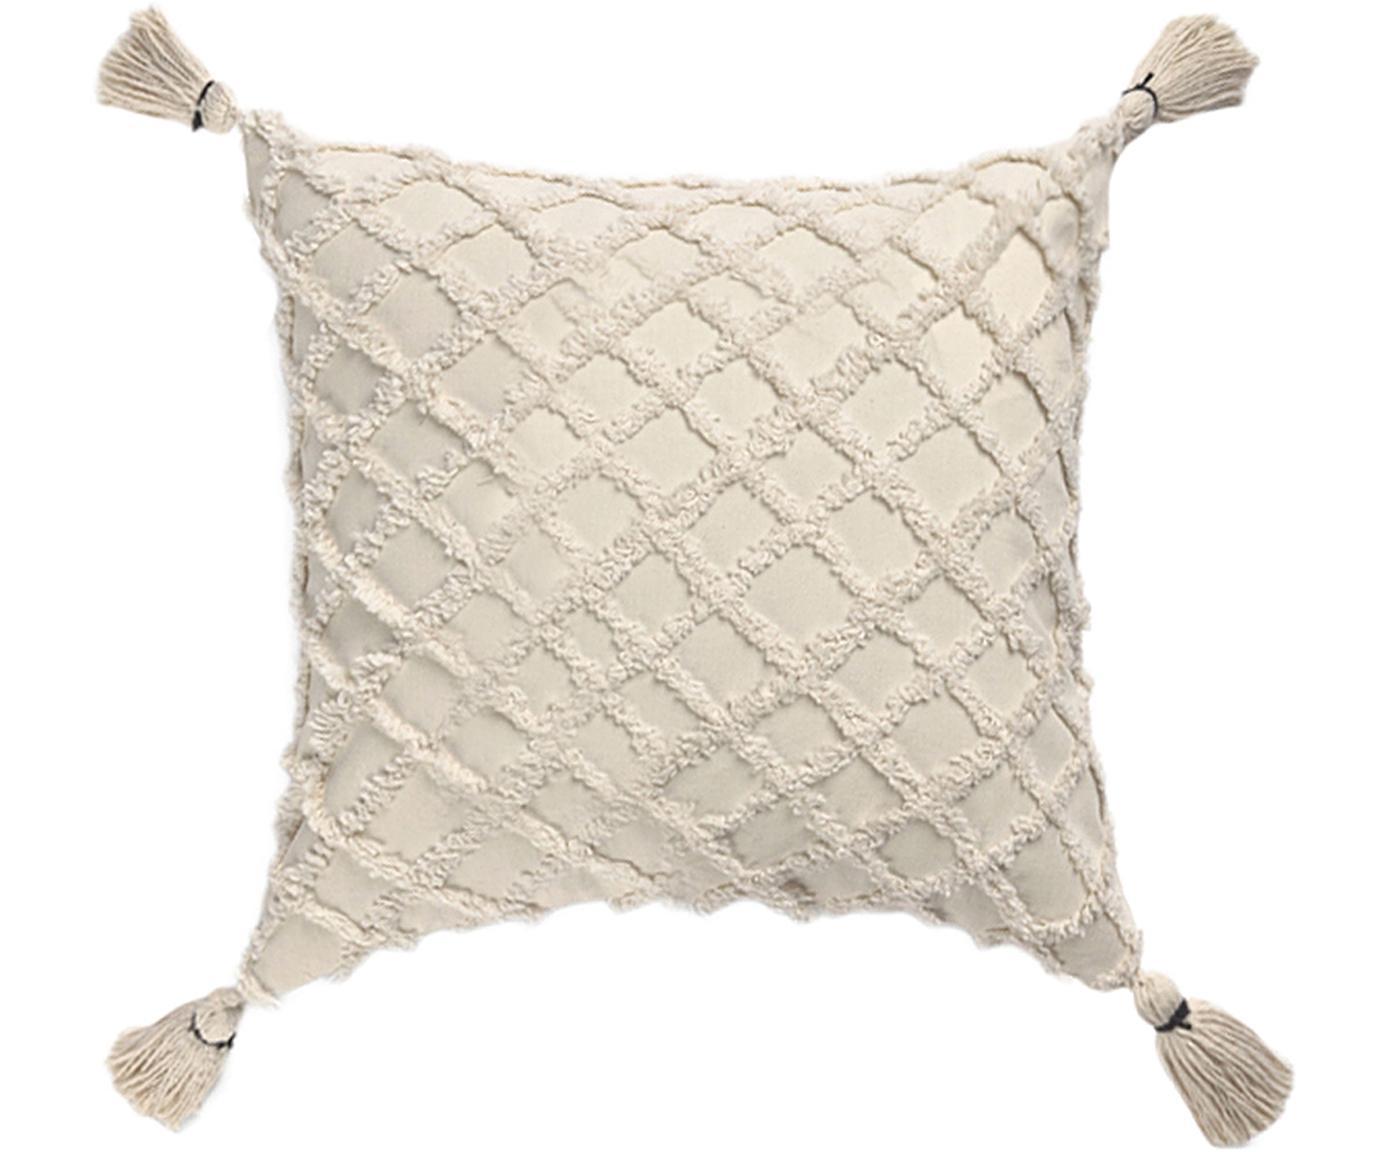 Poszewka na poduszkę z wypukłym wzorem Royal, Bawełna, Złamana biel, S 45 x D 45 cm